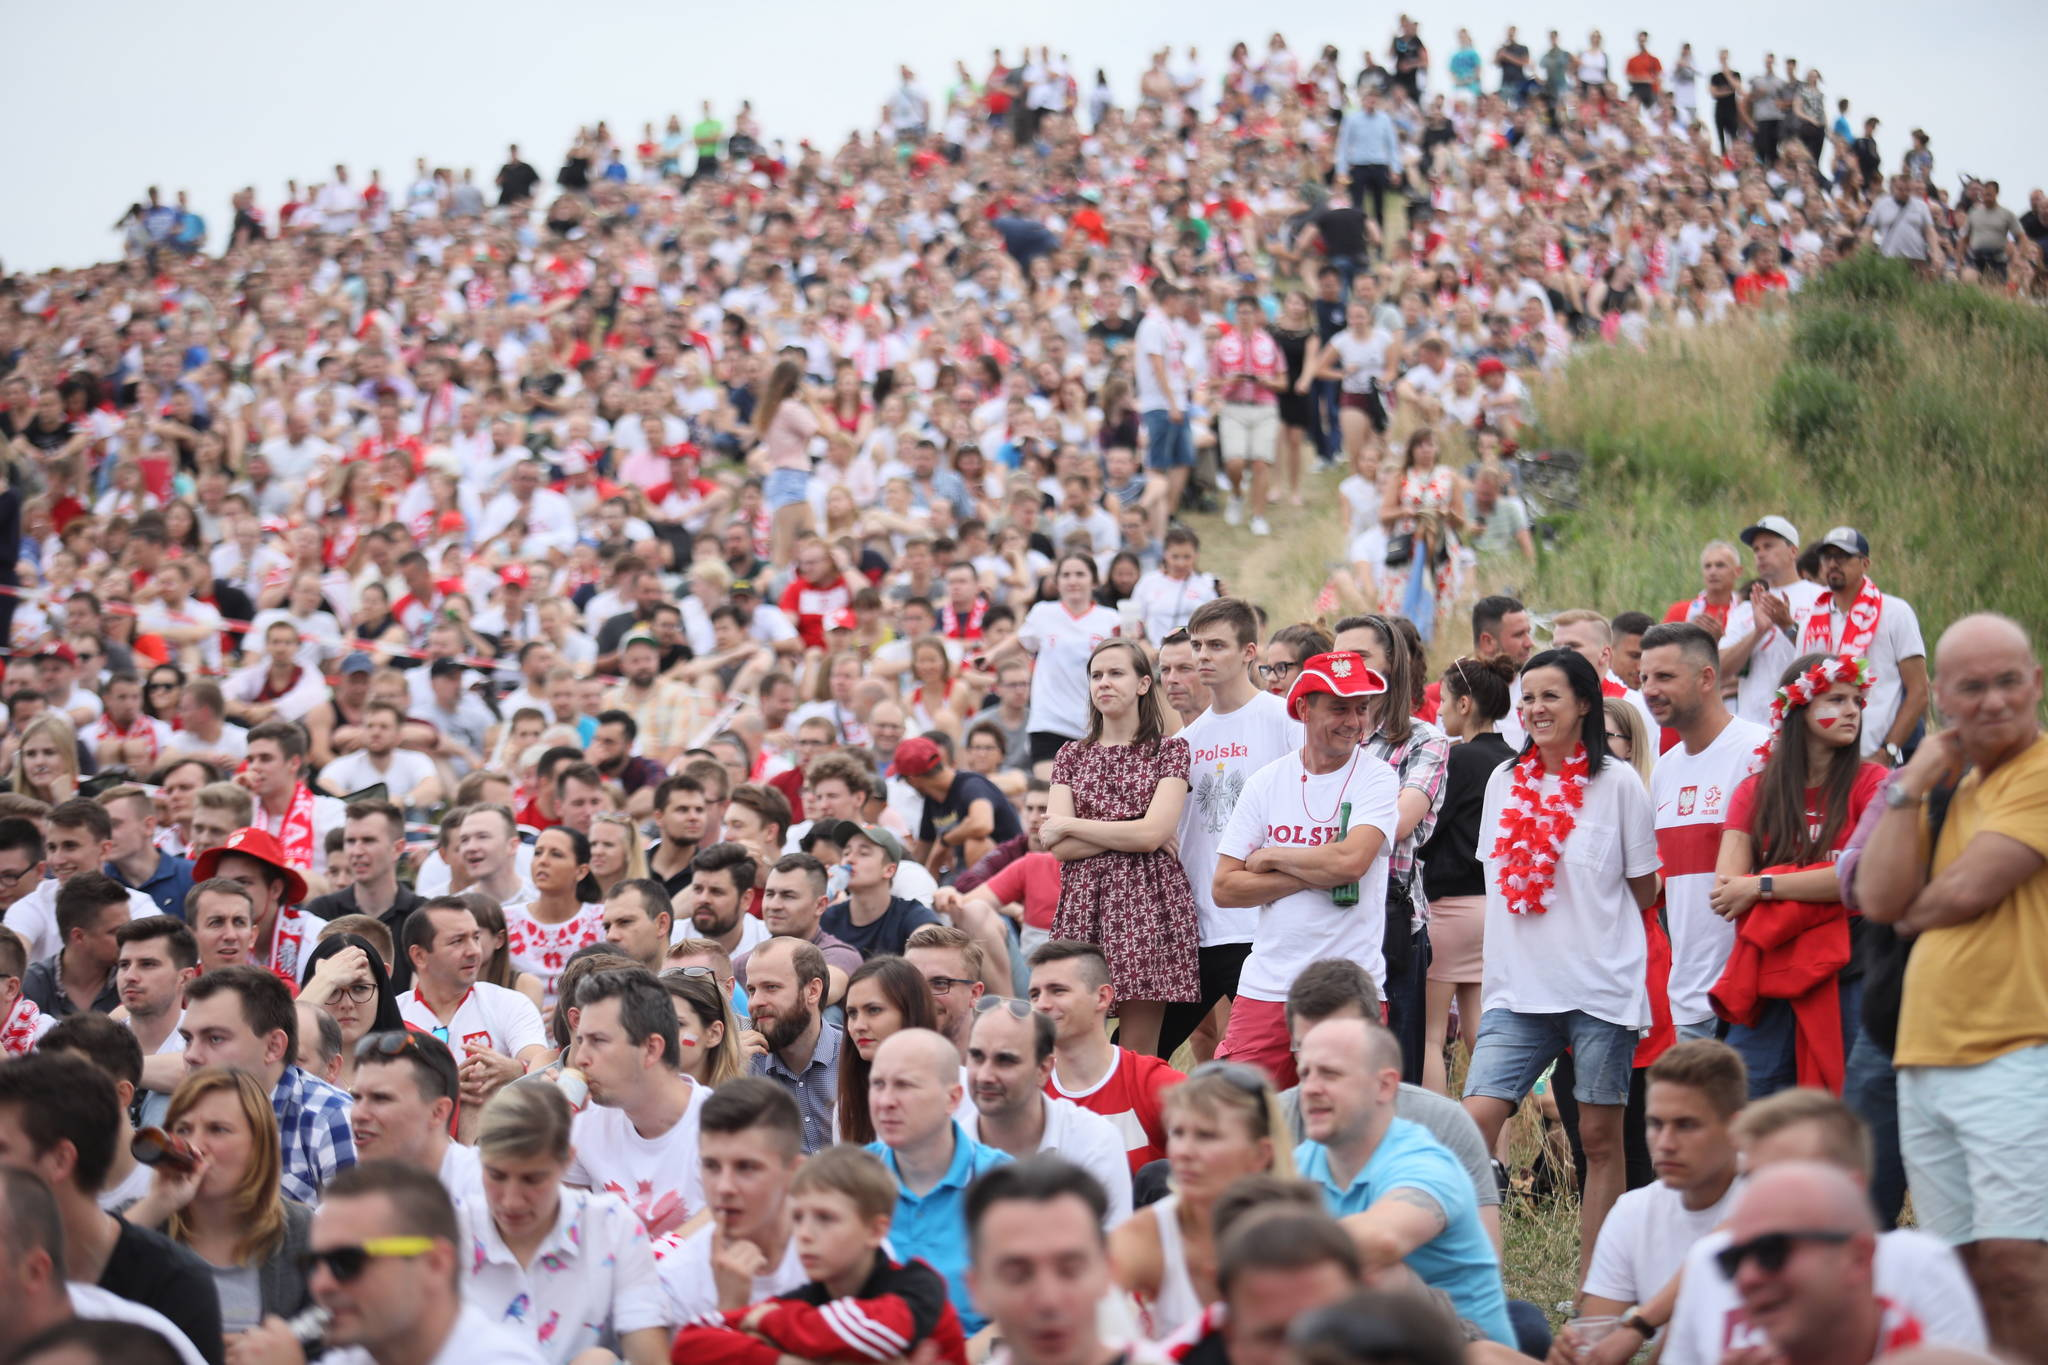 폴란드 축구팬들이 지난달 19일 수도 바르샤바에서 세네갈과의 조별리그 경기를 지켜보고 있다.[연합뉴스]